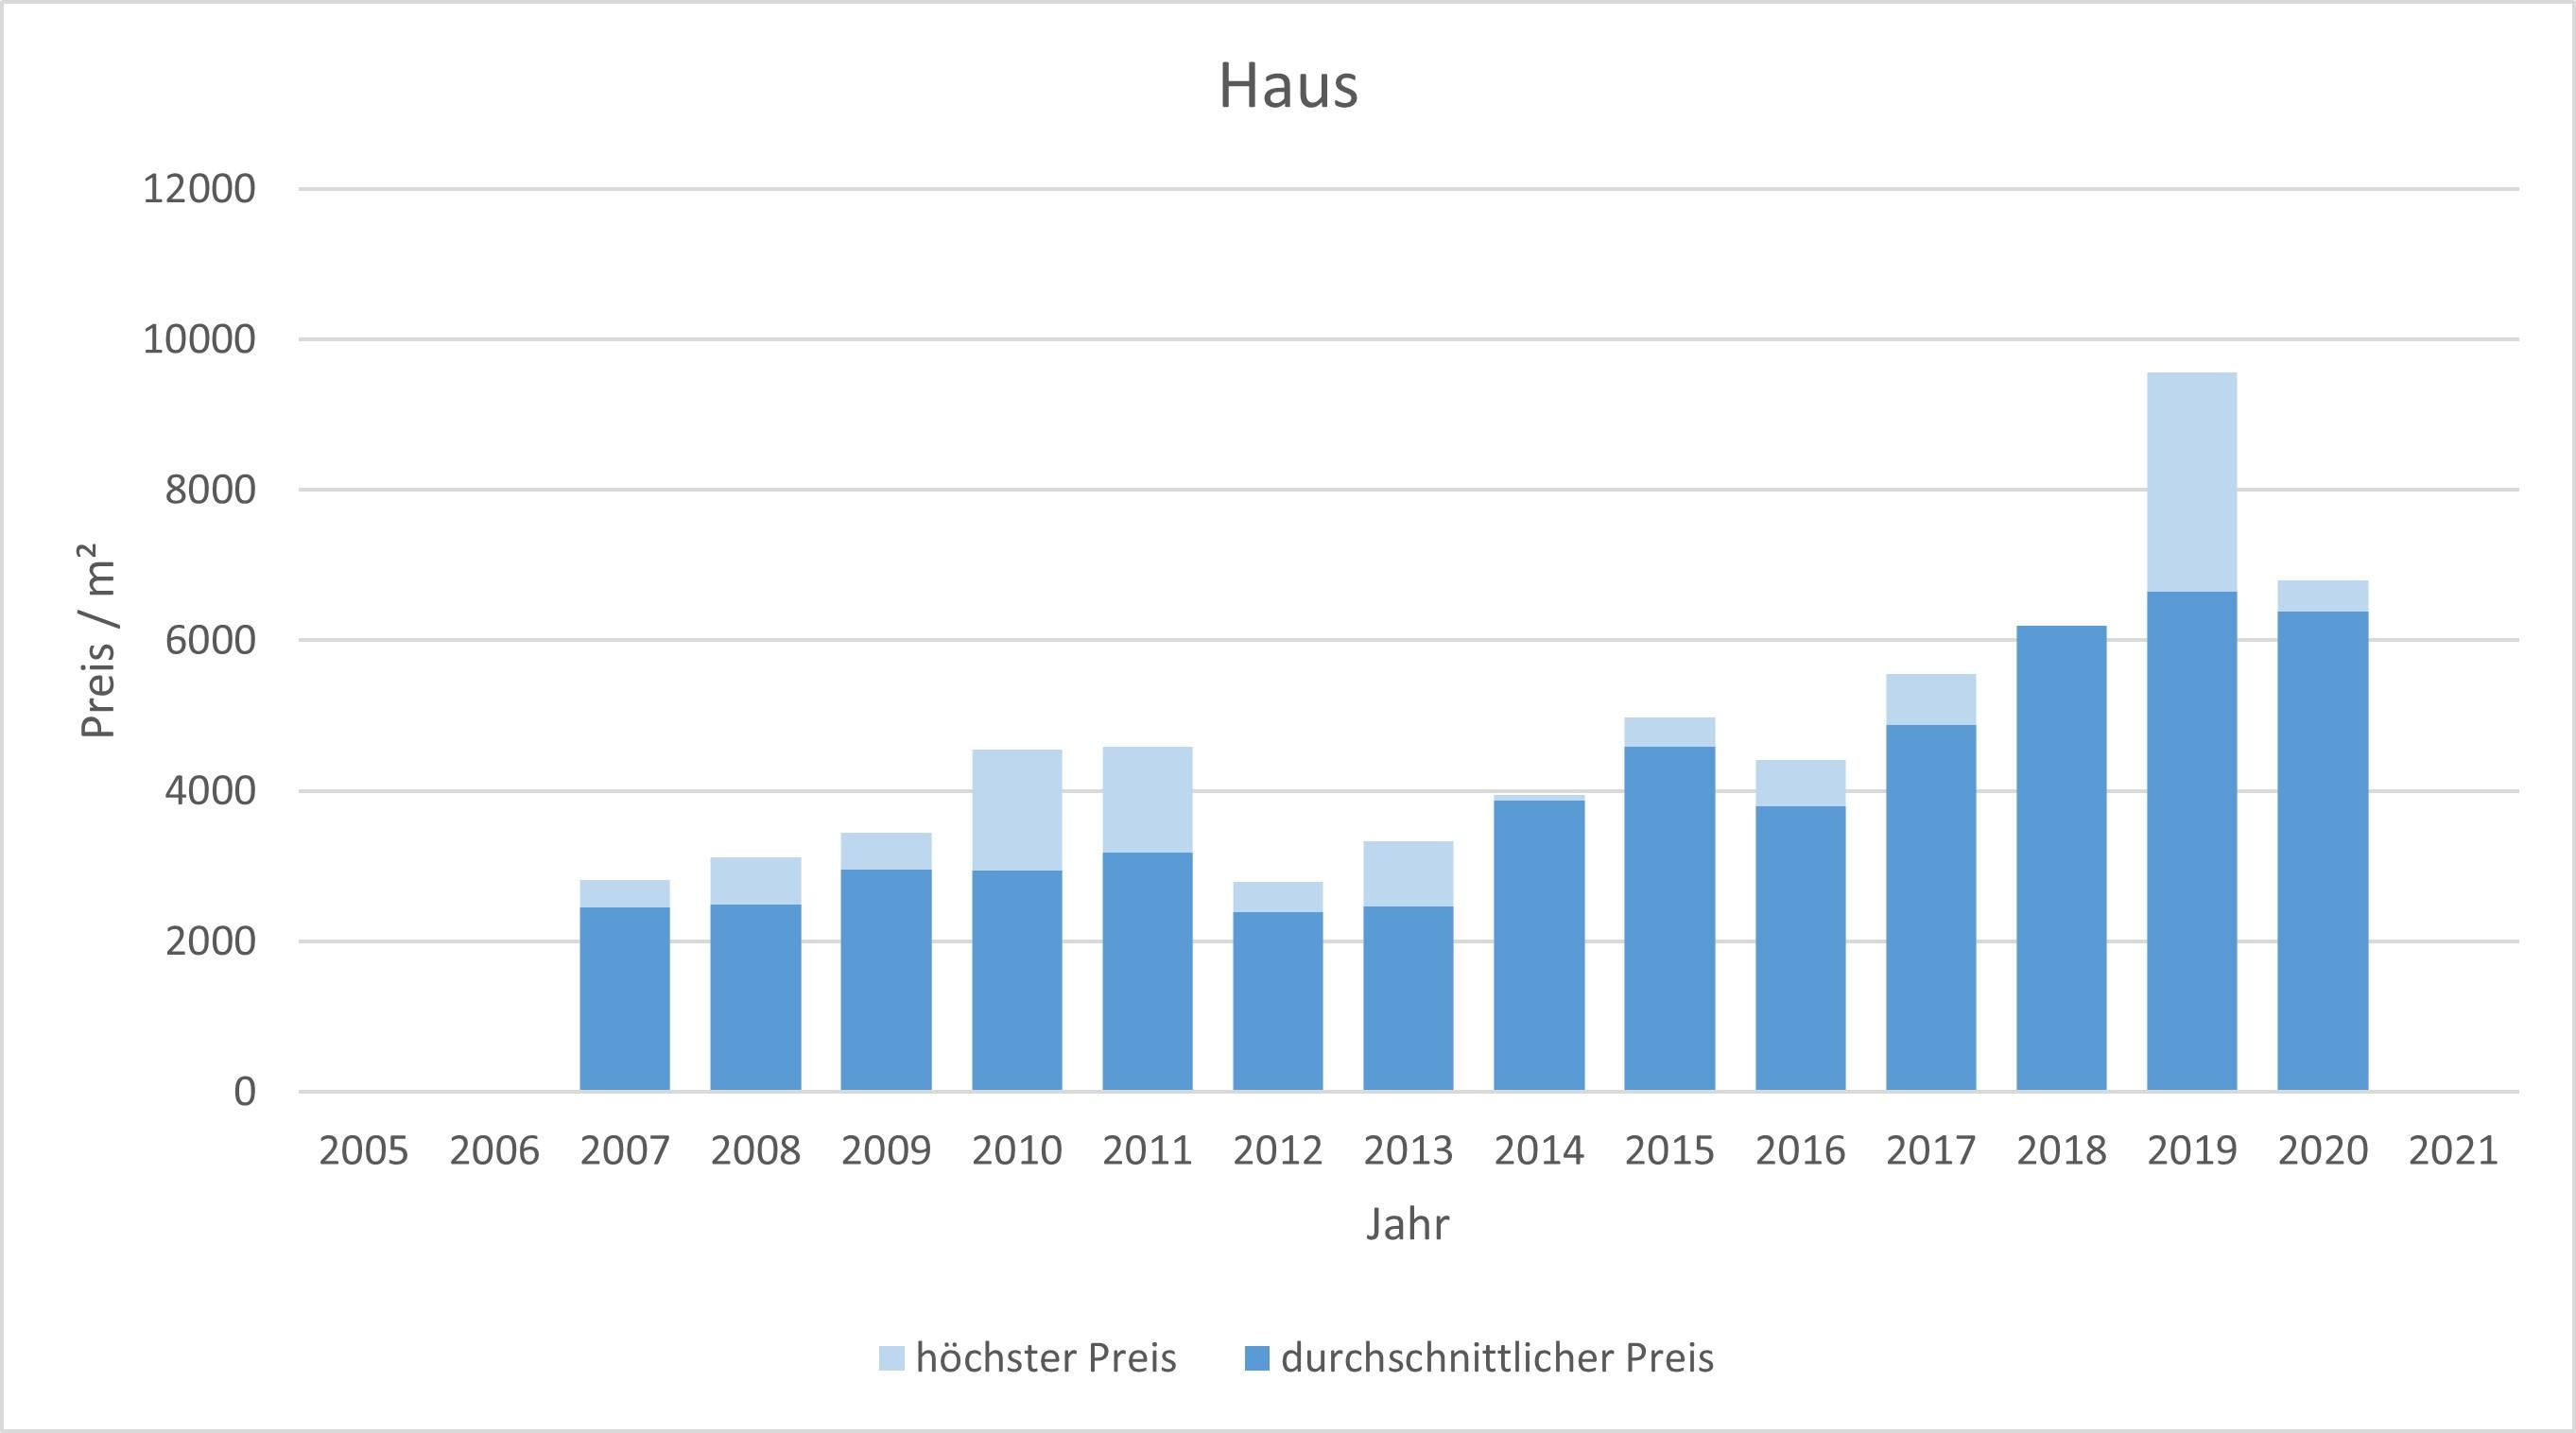 Bruck Haus kaufen verkaufen preis bewertung makler www.happy-immo.de 2019, 2020, 2021